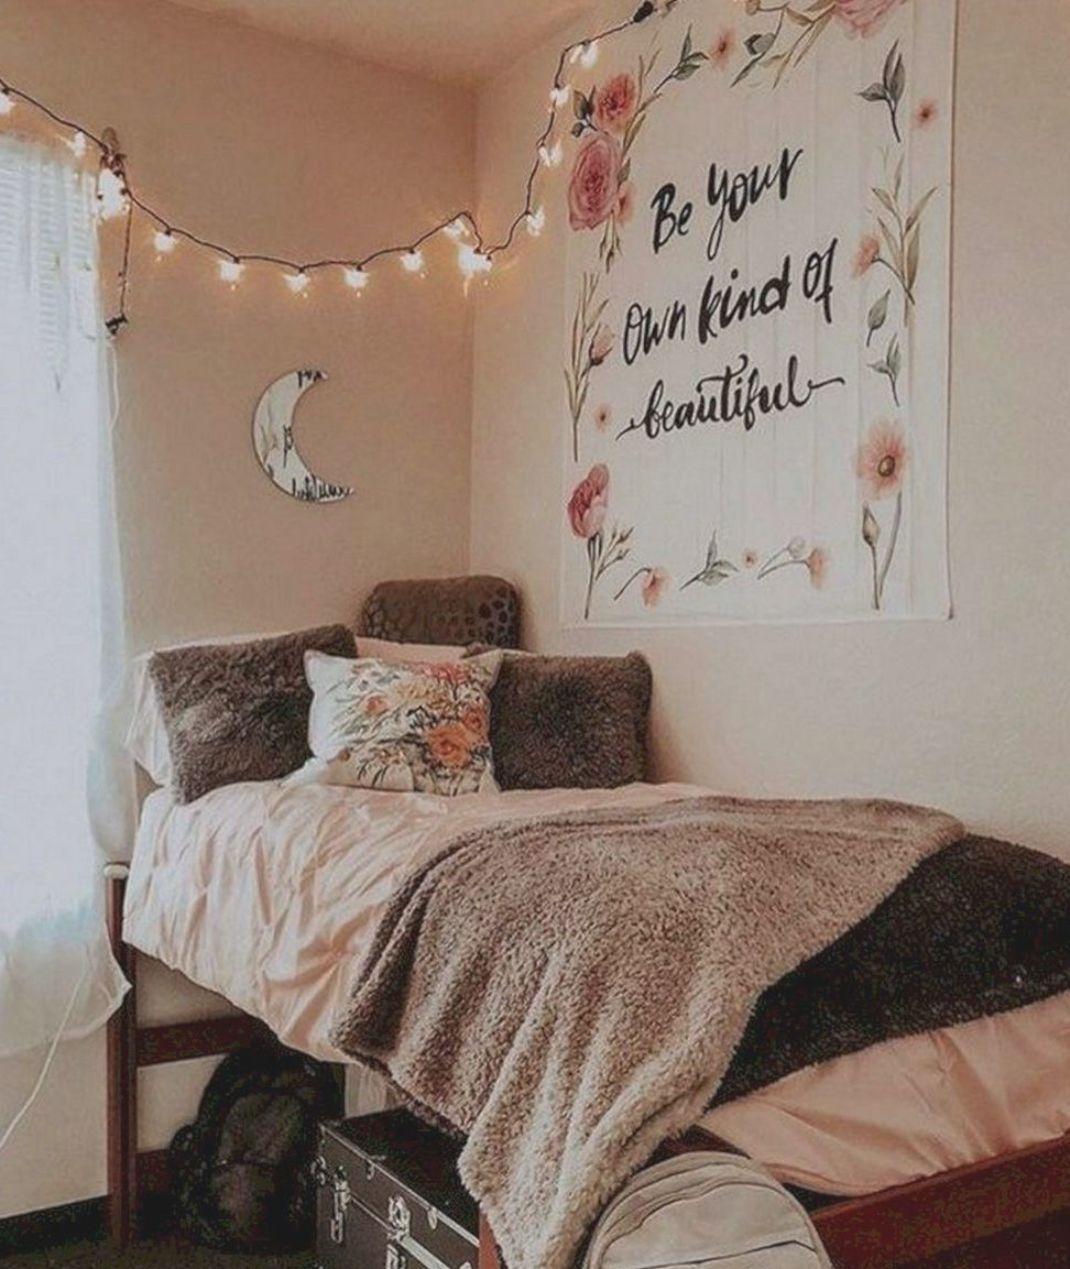 15 Marvelous Dorm Room Decoration Ideas For Low Budget Freshouz Com Dorm Room Colors Dorm Room Color Schemes Dorm Room Designs Dorm room decoration ideas